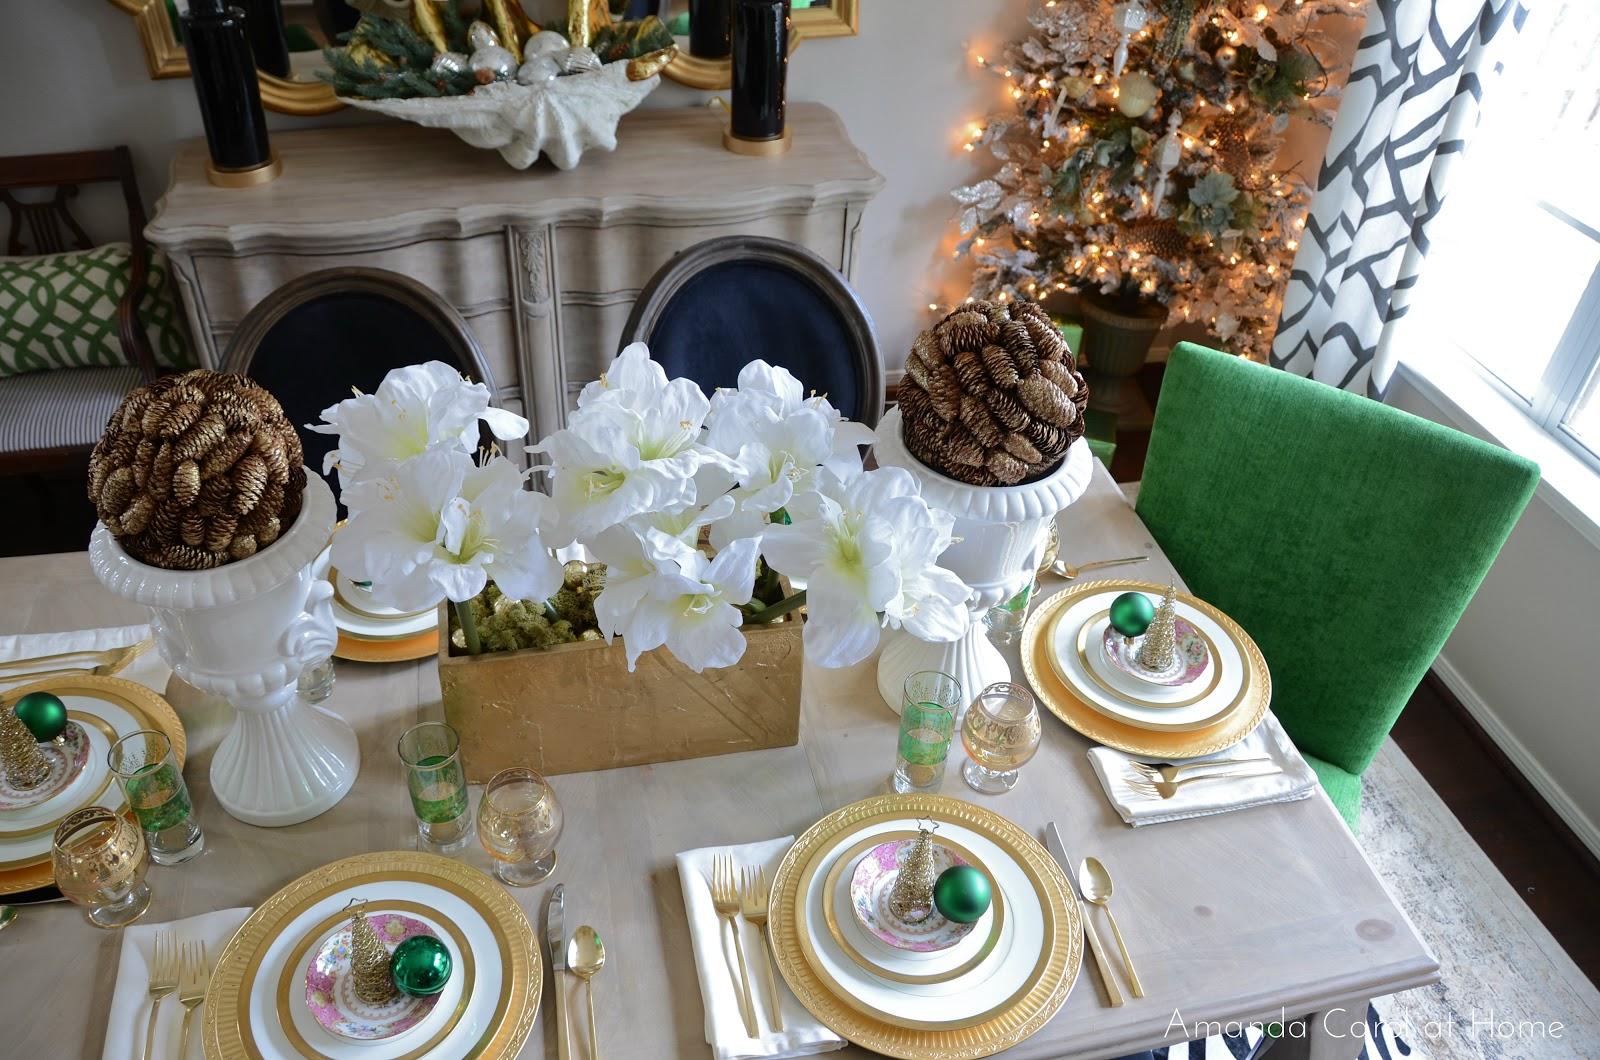 Come Apparecchiare La Tavola Galateo idee per apparecchiare la tavola natalizia con stile